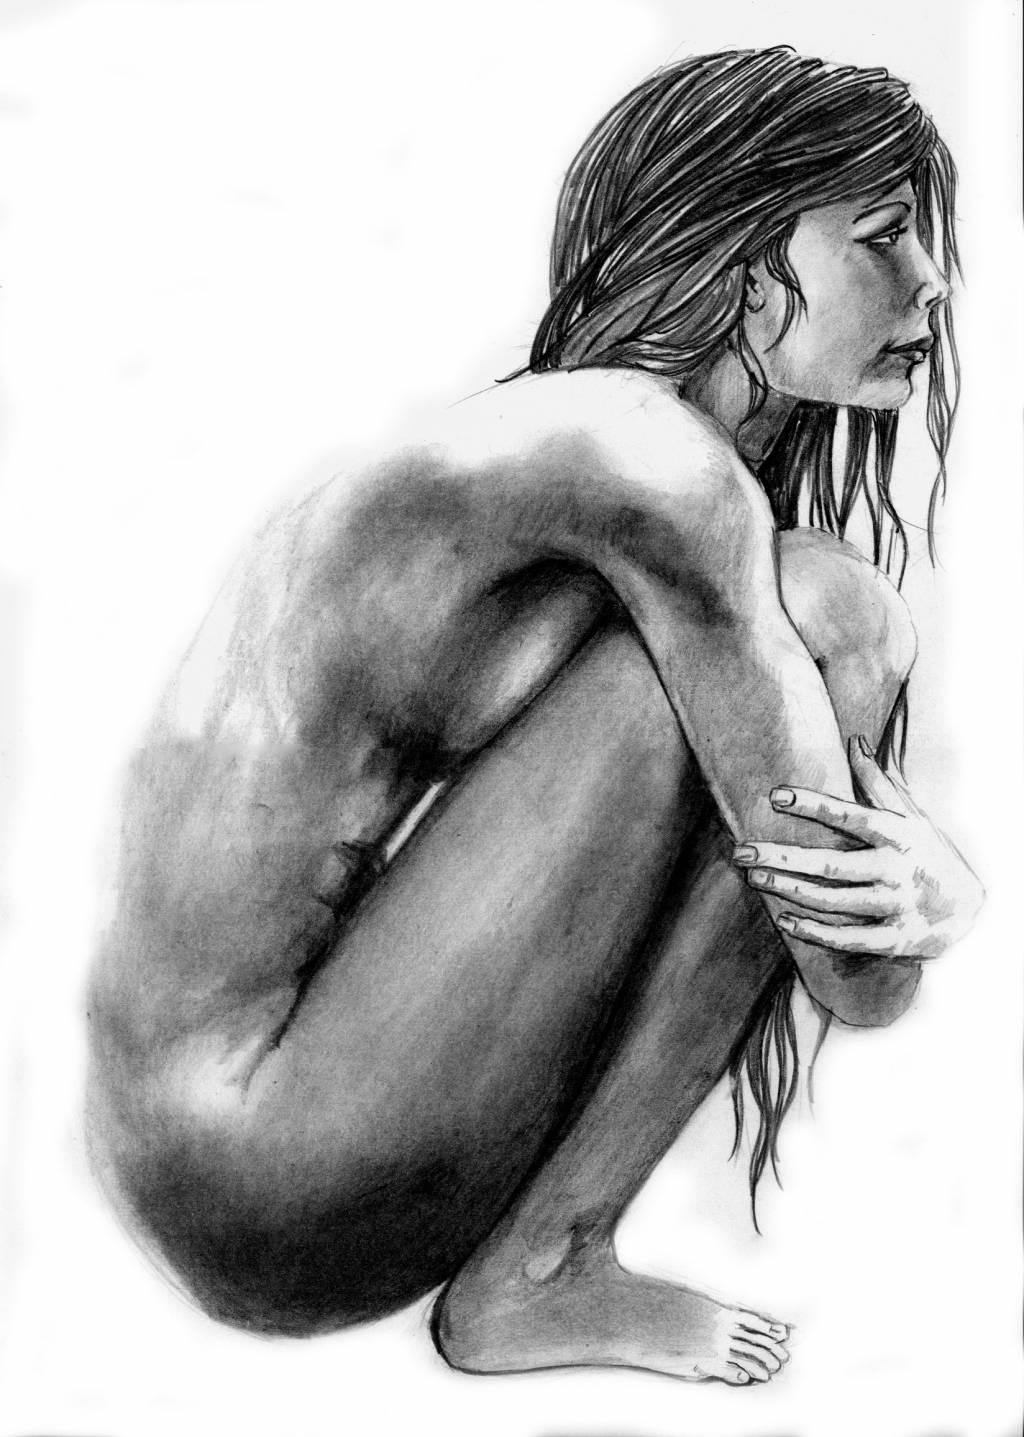 DESNUDO FEMENINO:::LAPIZ GRAFITO:::FIGURA HUMANA Manuel Concha ...